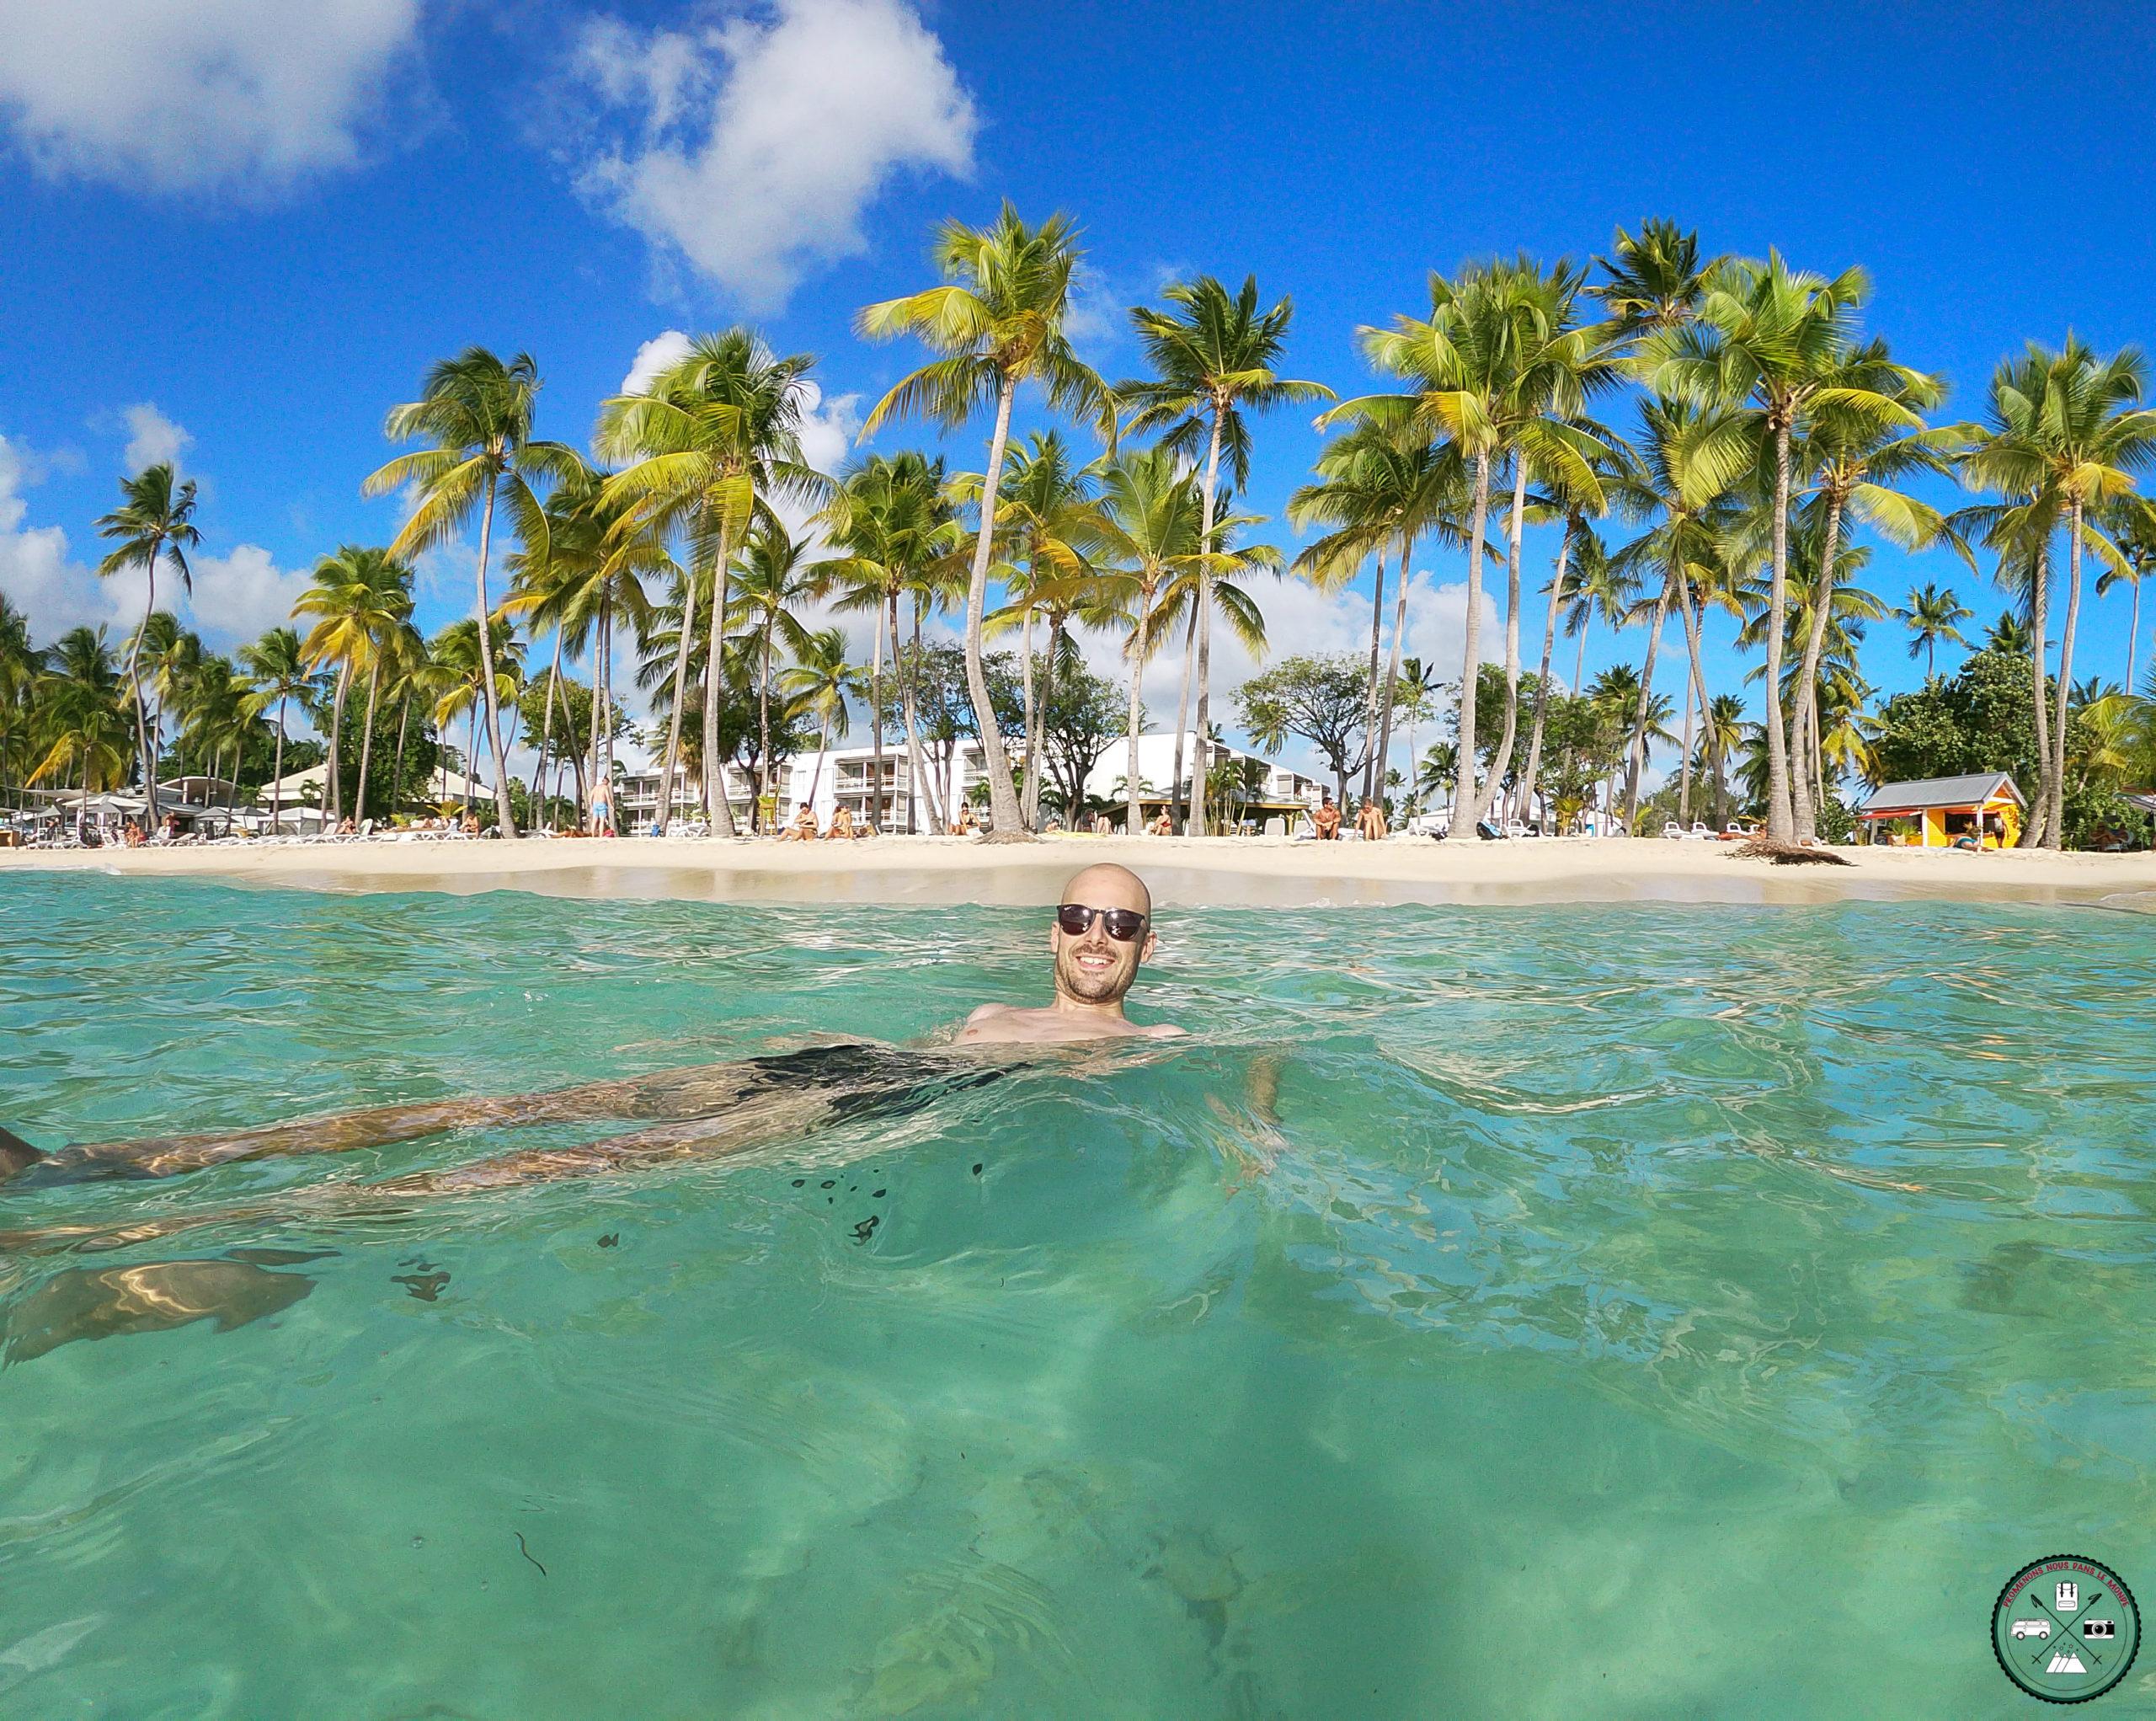 Voyages de 15 jours en Guadeloupe, îles Petite Terre